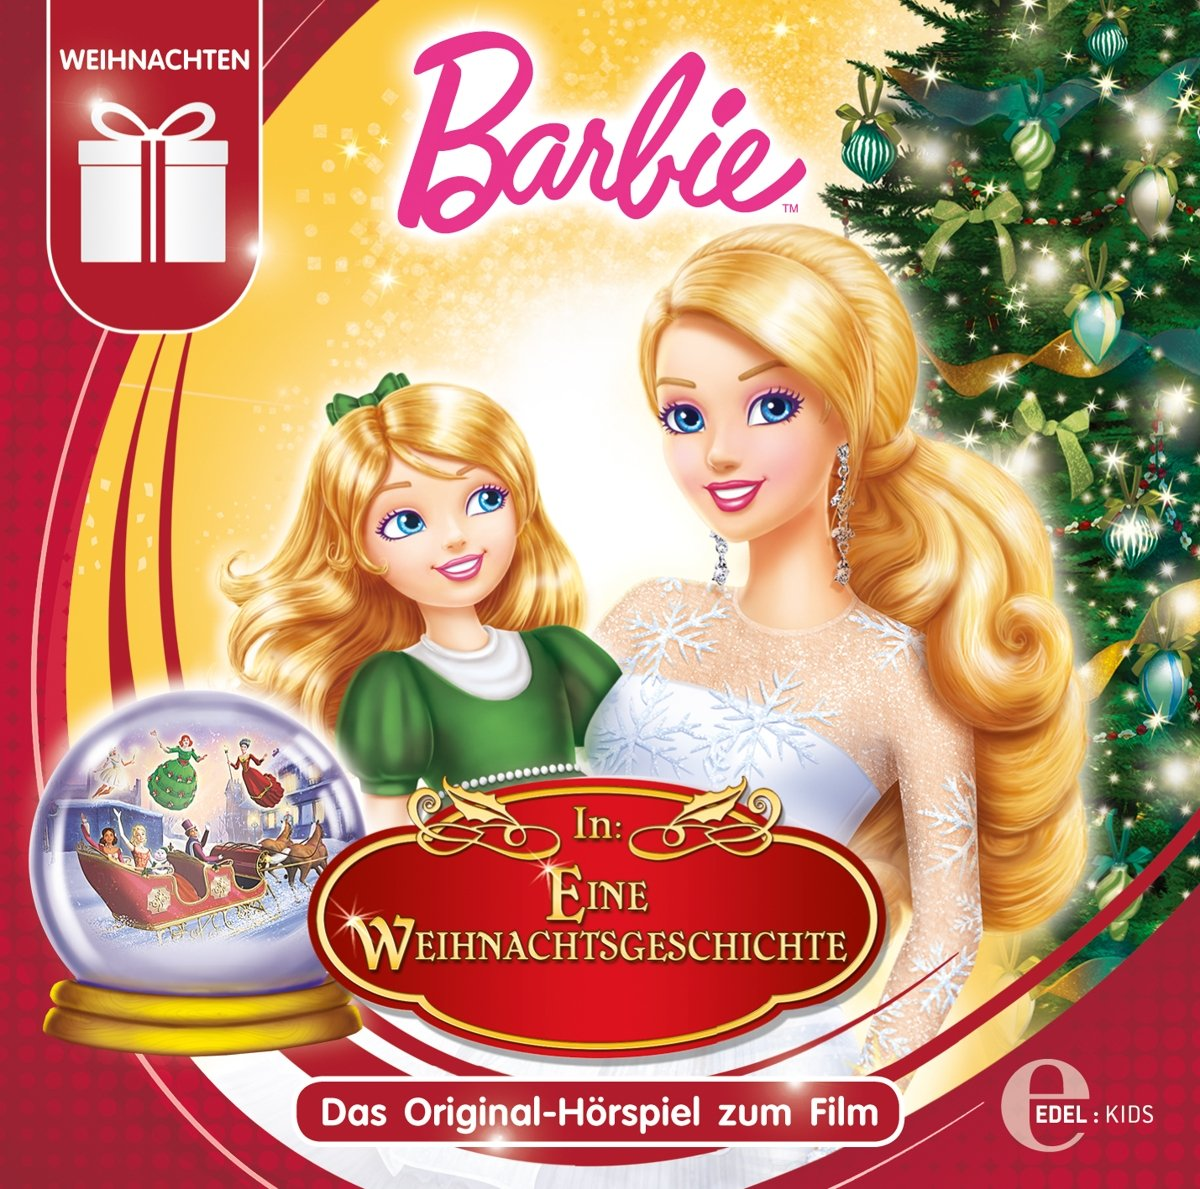 Eine Weihnachtsgeschichte-Original Hörspiel Z.Film - Barbie: Amazon ...